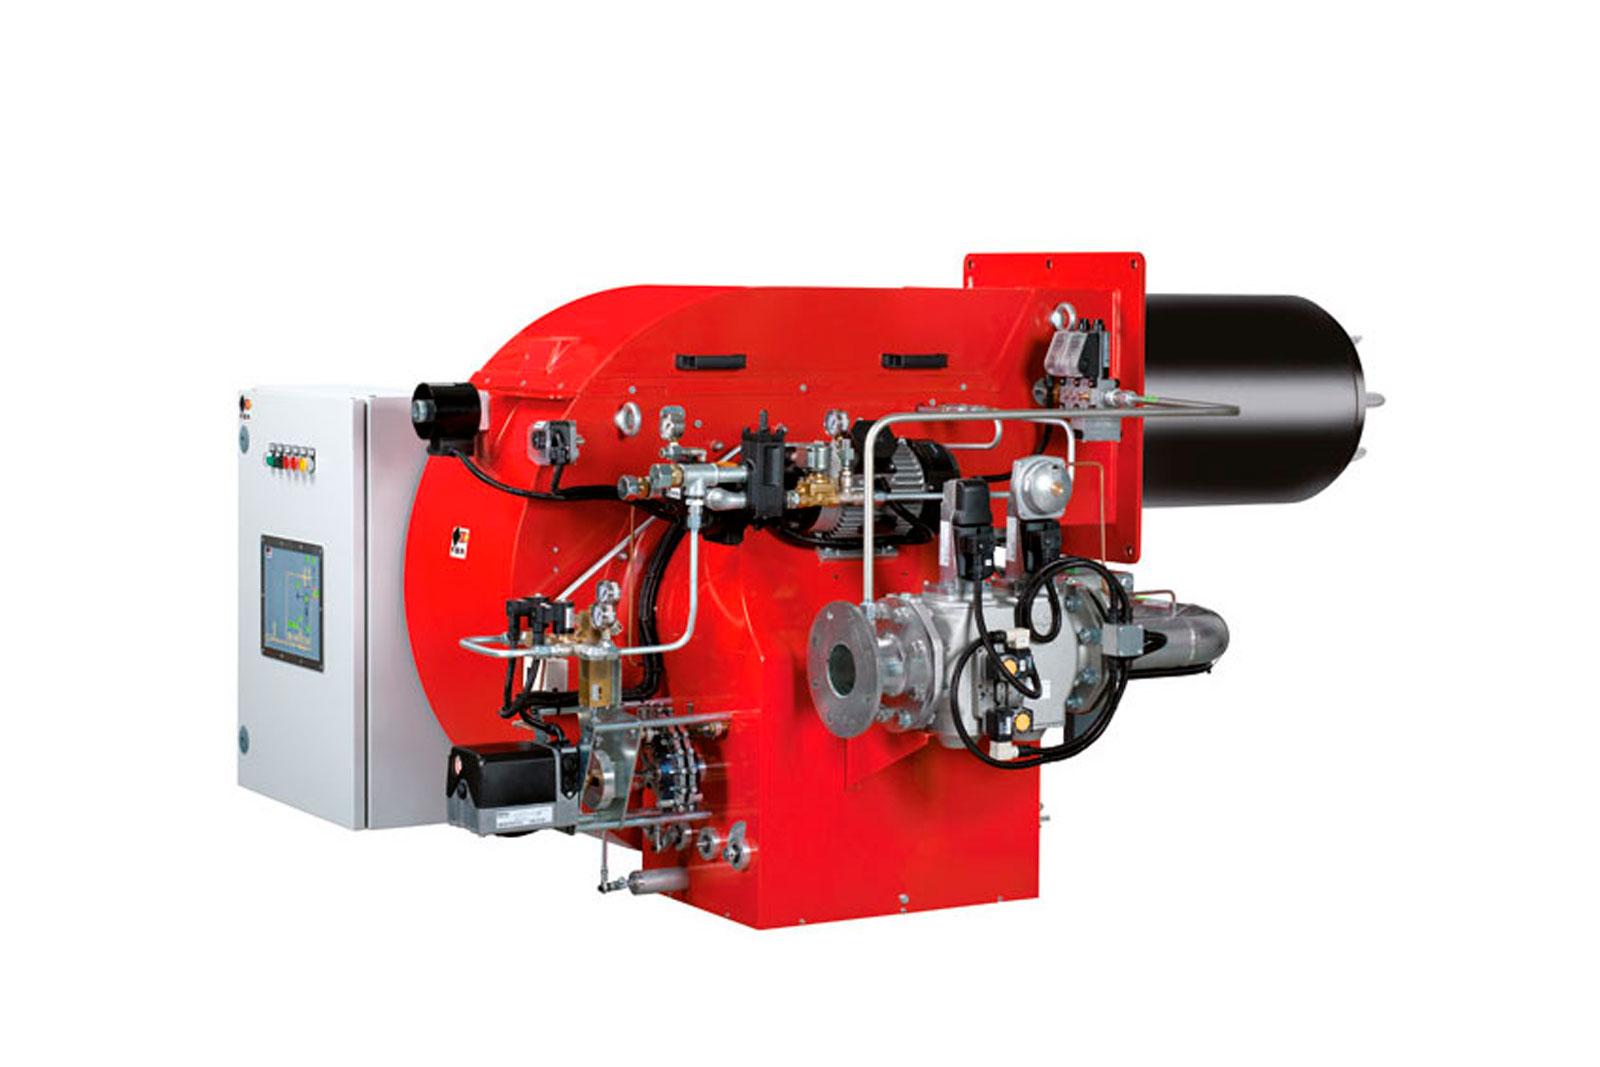 quemador-cremax-mixto-gas-gasoleo-2-llamas-progresivos-y-modulantes-1390kw-a-14437kw-flamax-eficiencia-energetica-ppal